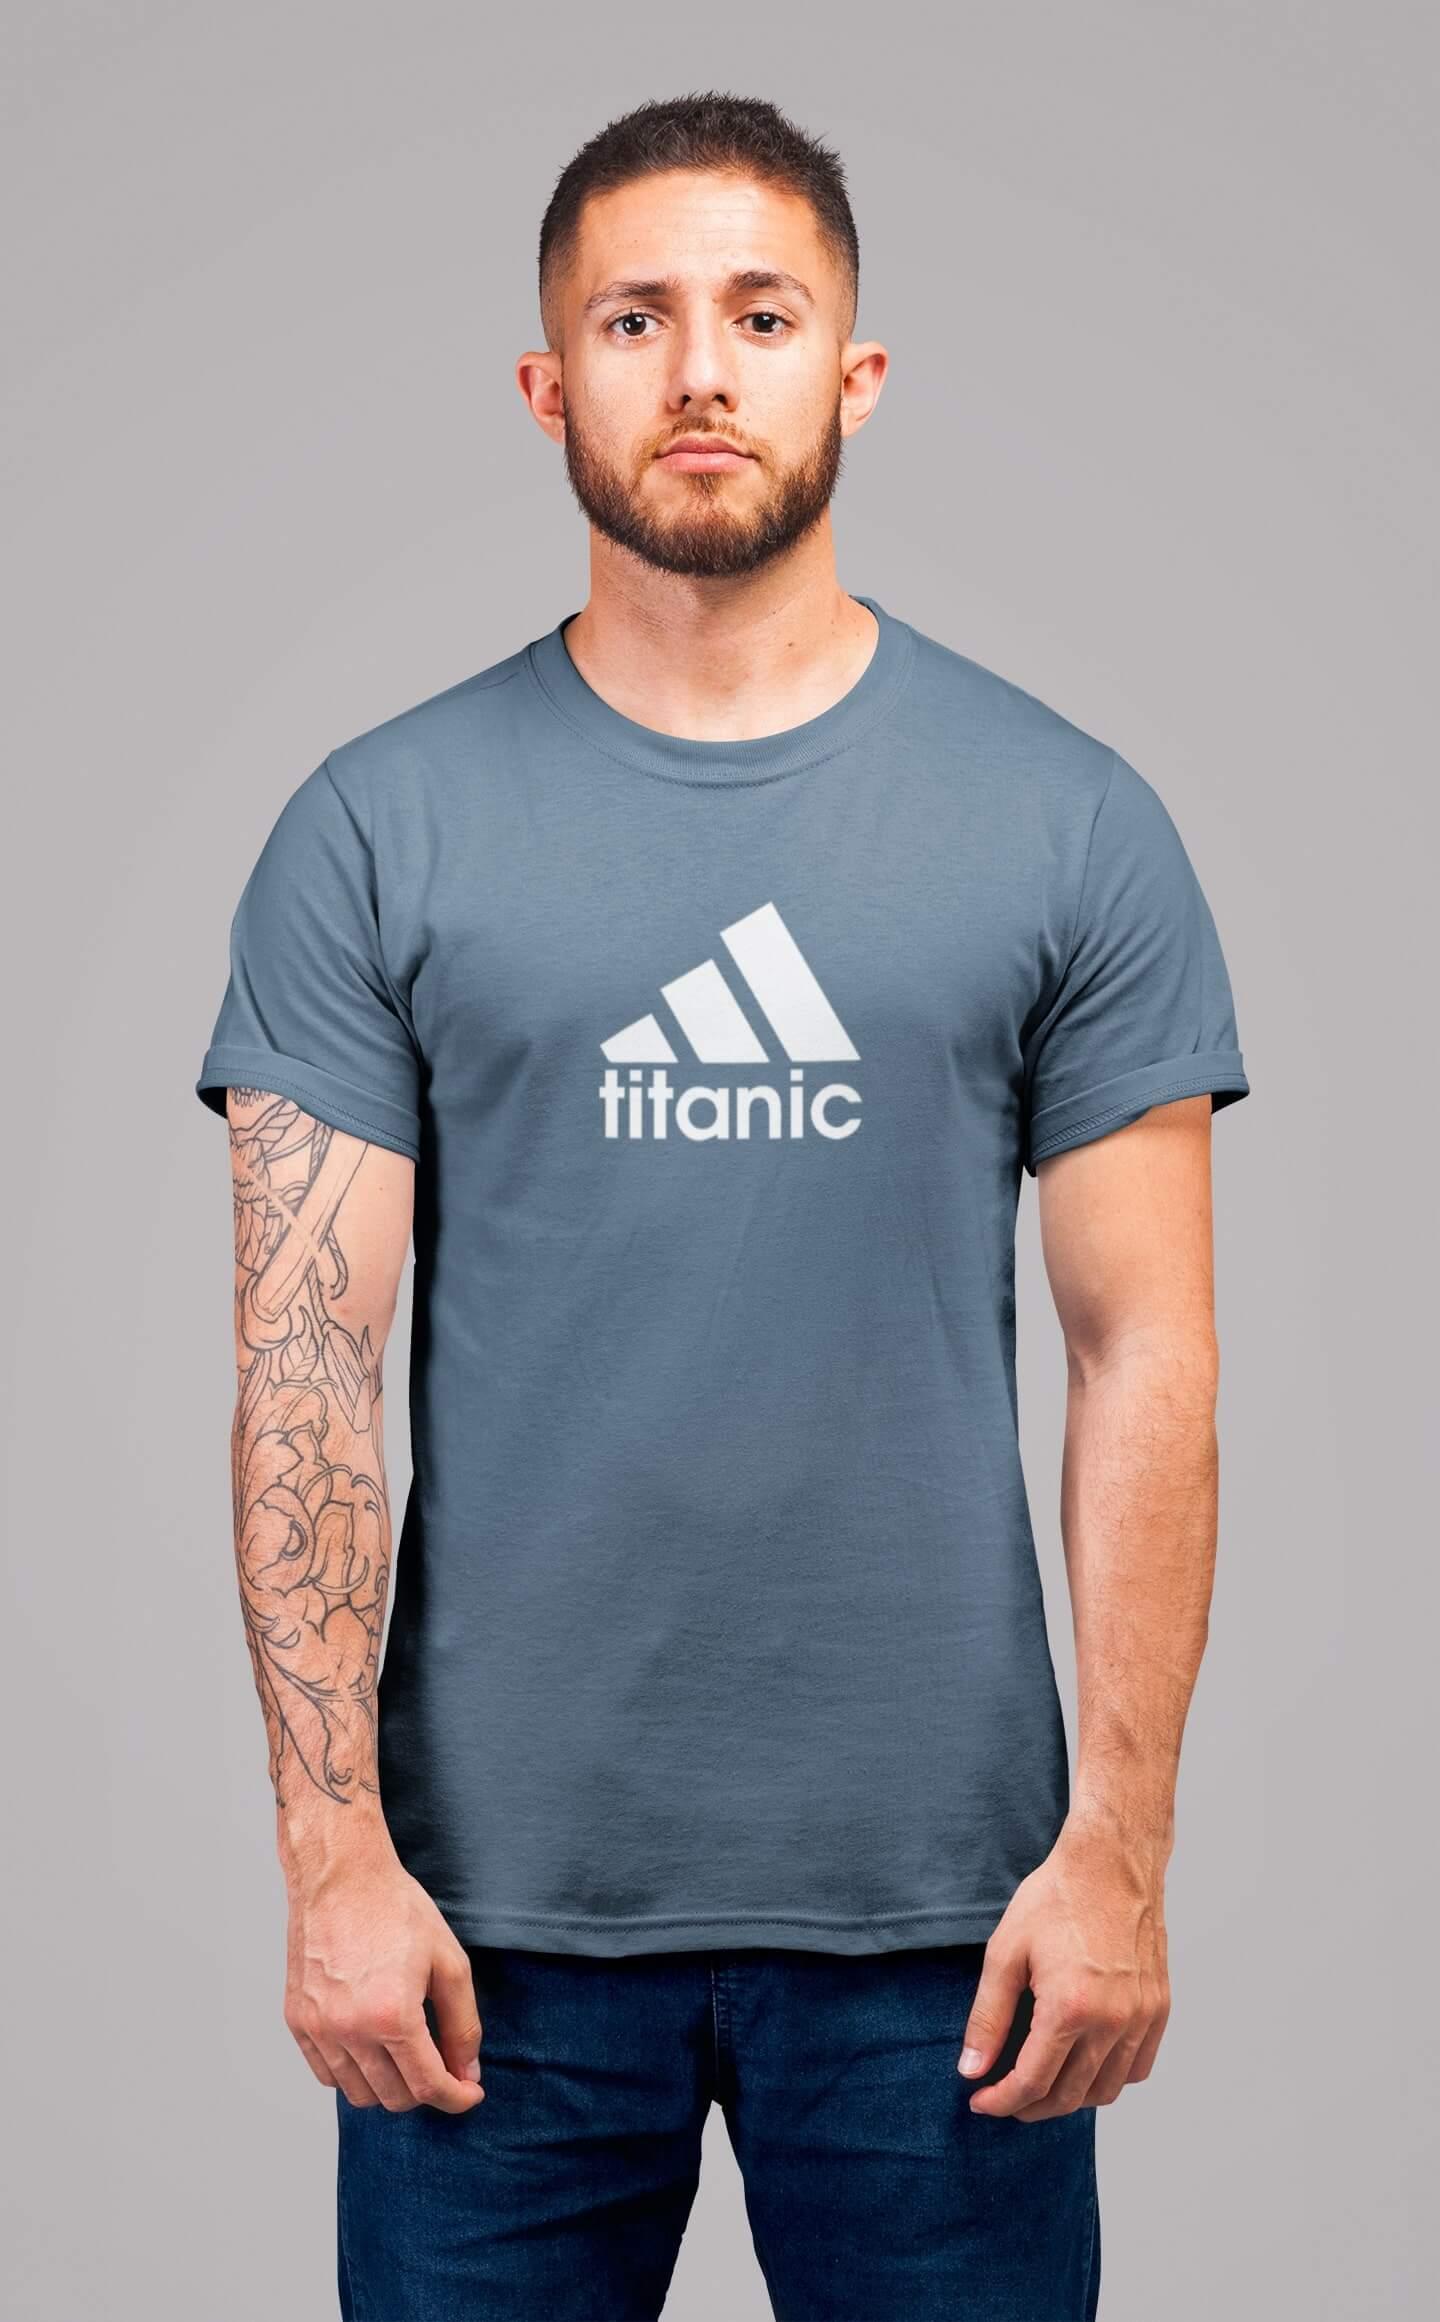 MMO Pánske tričko Titanic Vyberte farbu: Denim, Vyberte veľkosť: 2XL